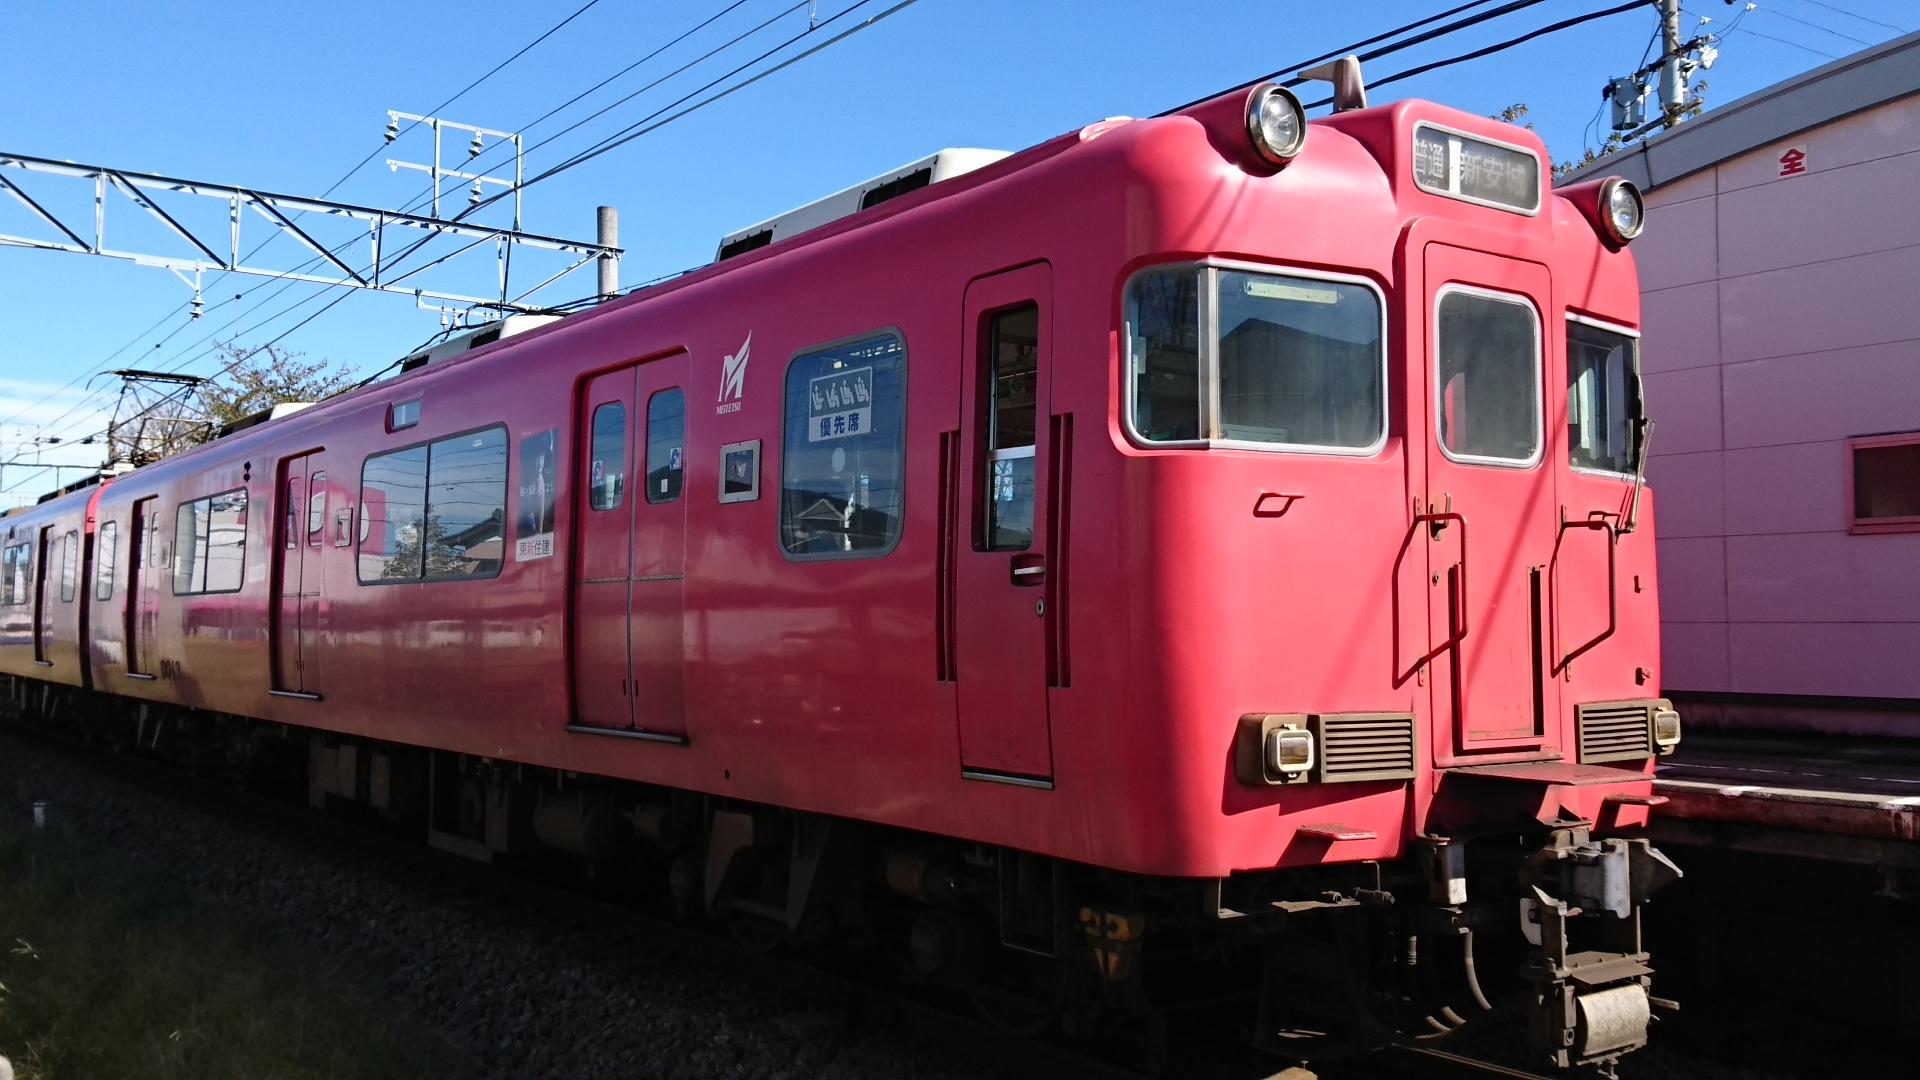 2016.10.29 古井 (4) しんあんじょういきふつう 1920-1080